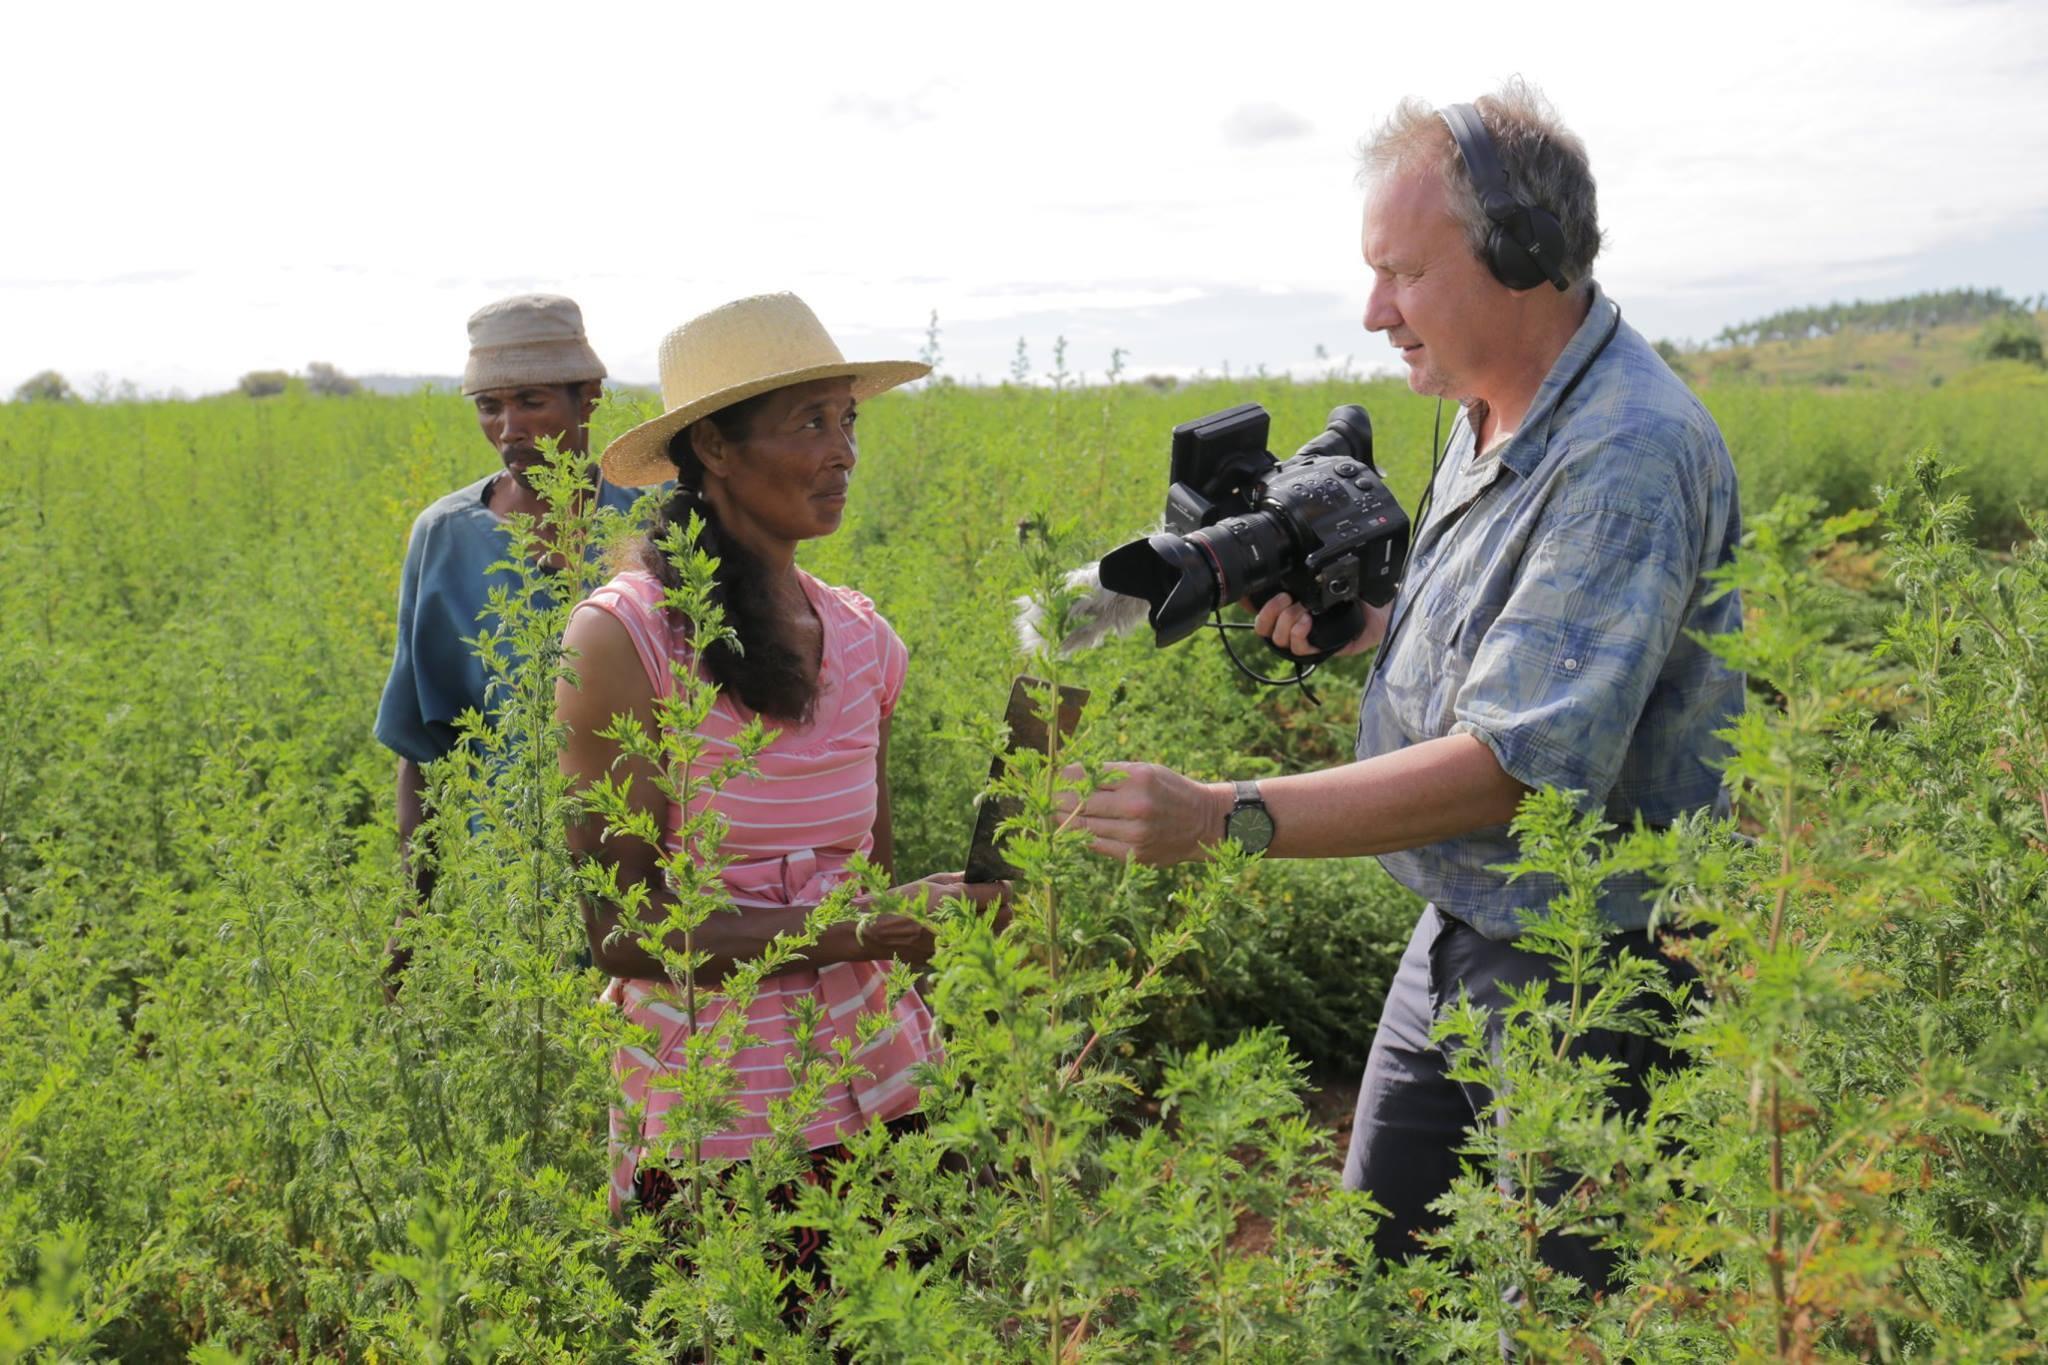 El cineasta belga Bernard Crutzen durante la filmación del documental.